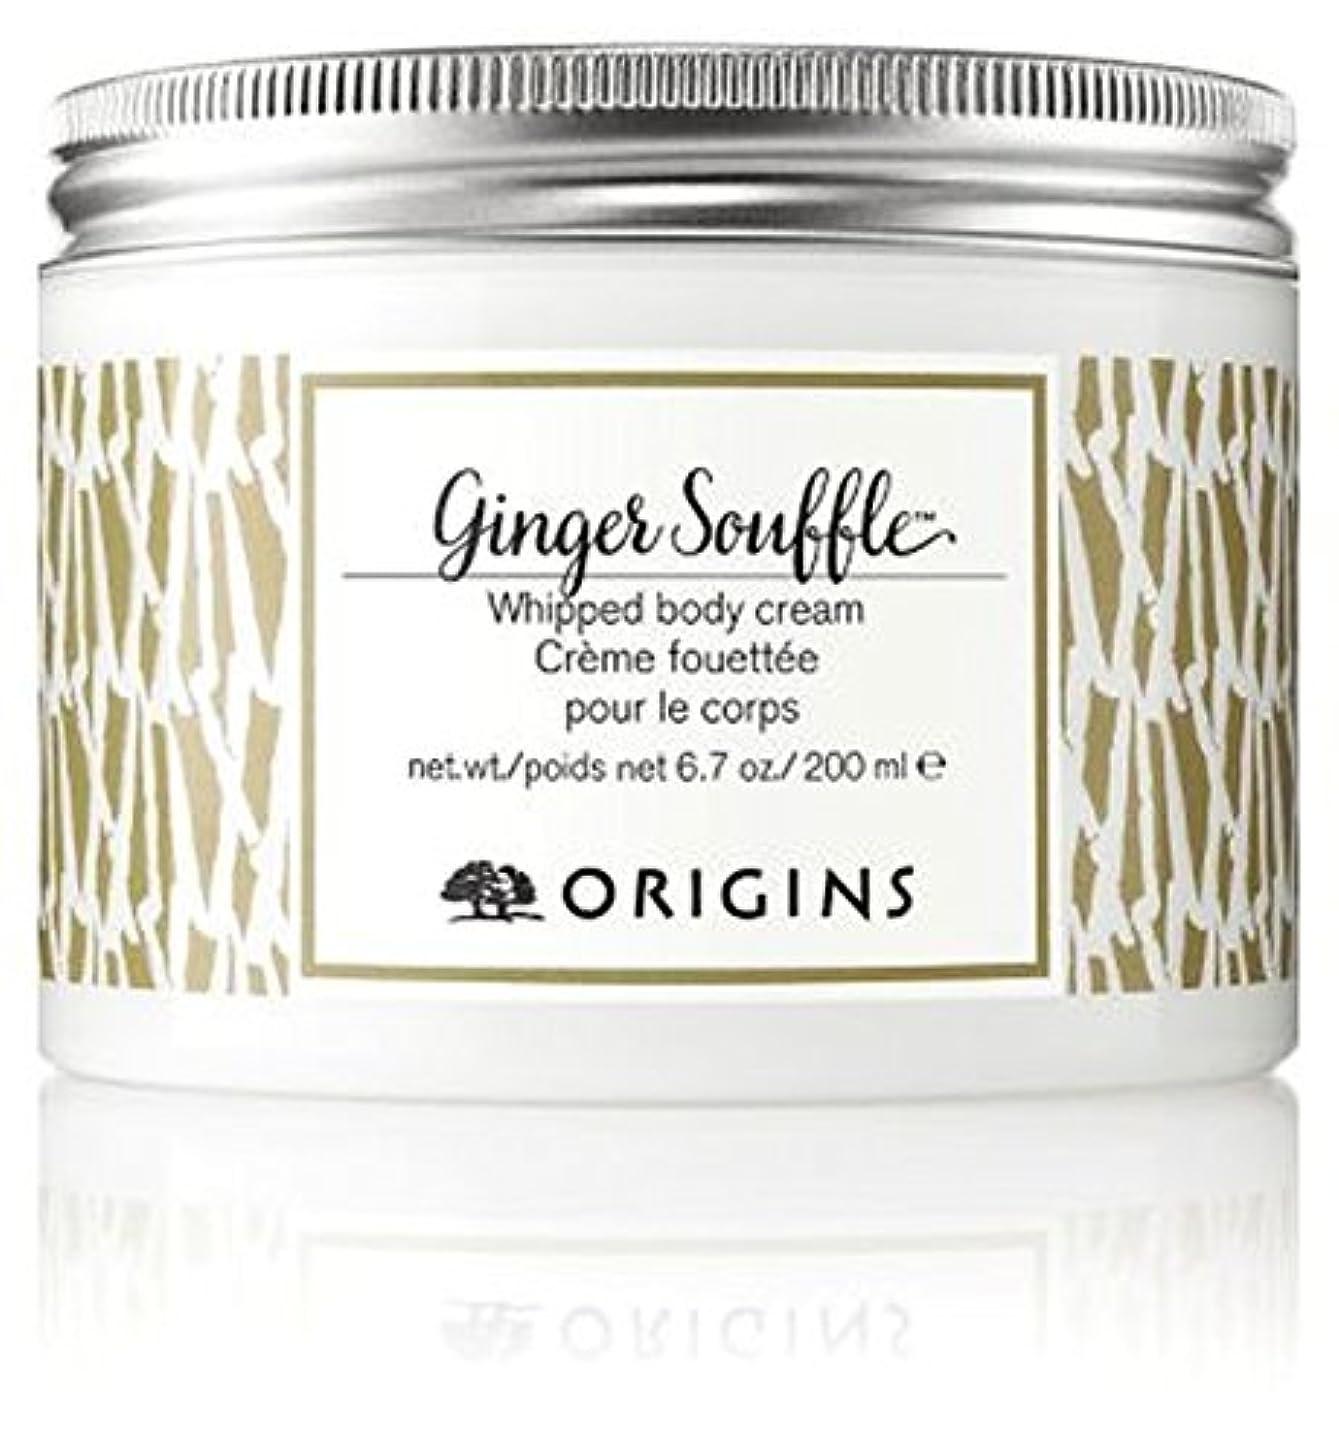 狂乱慰め腐食する起源ジンジャースフレホイップボディクリーム (Origins) (x2) - Origins Ginger Souffl? Whipped body cream (Pack of 2) [並行輸入品]